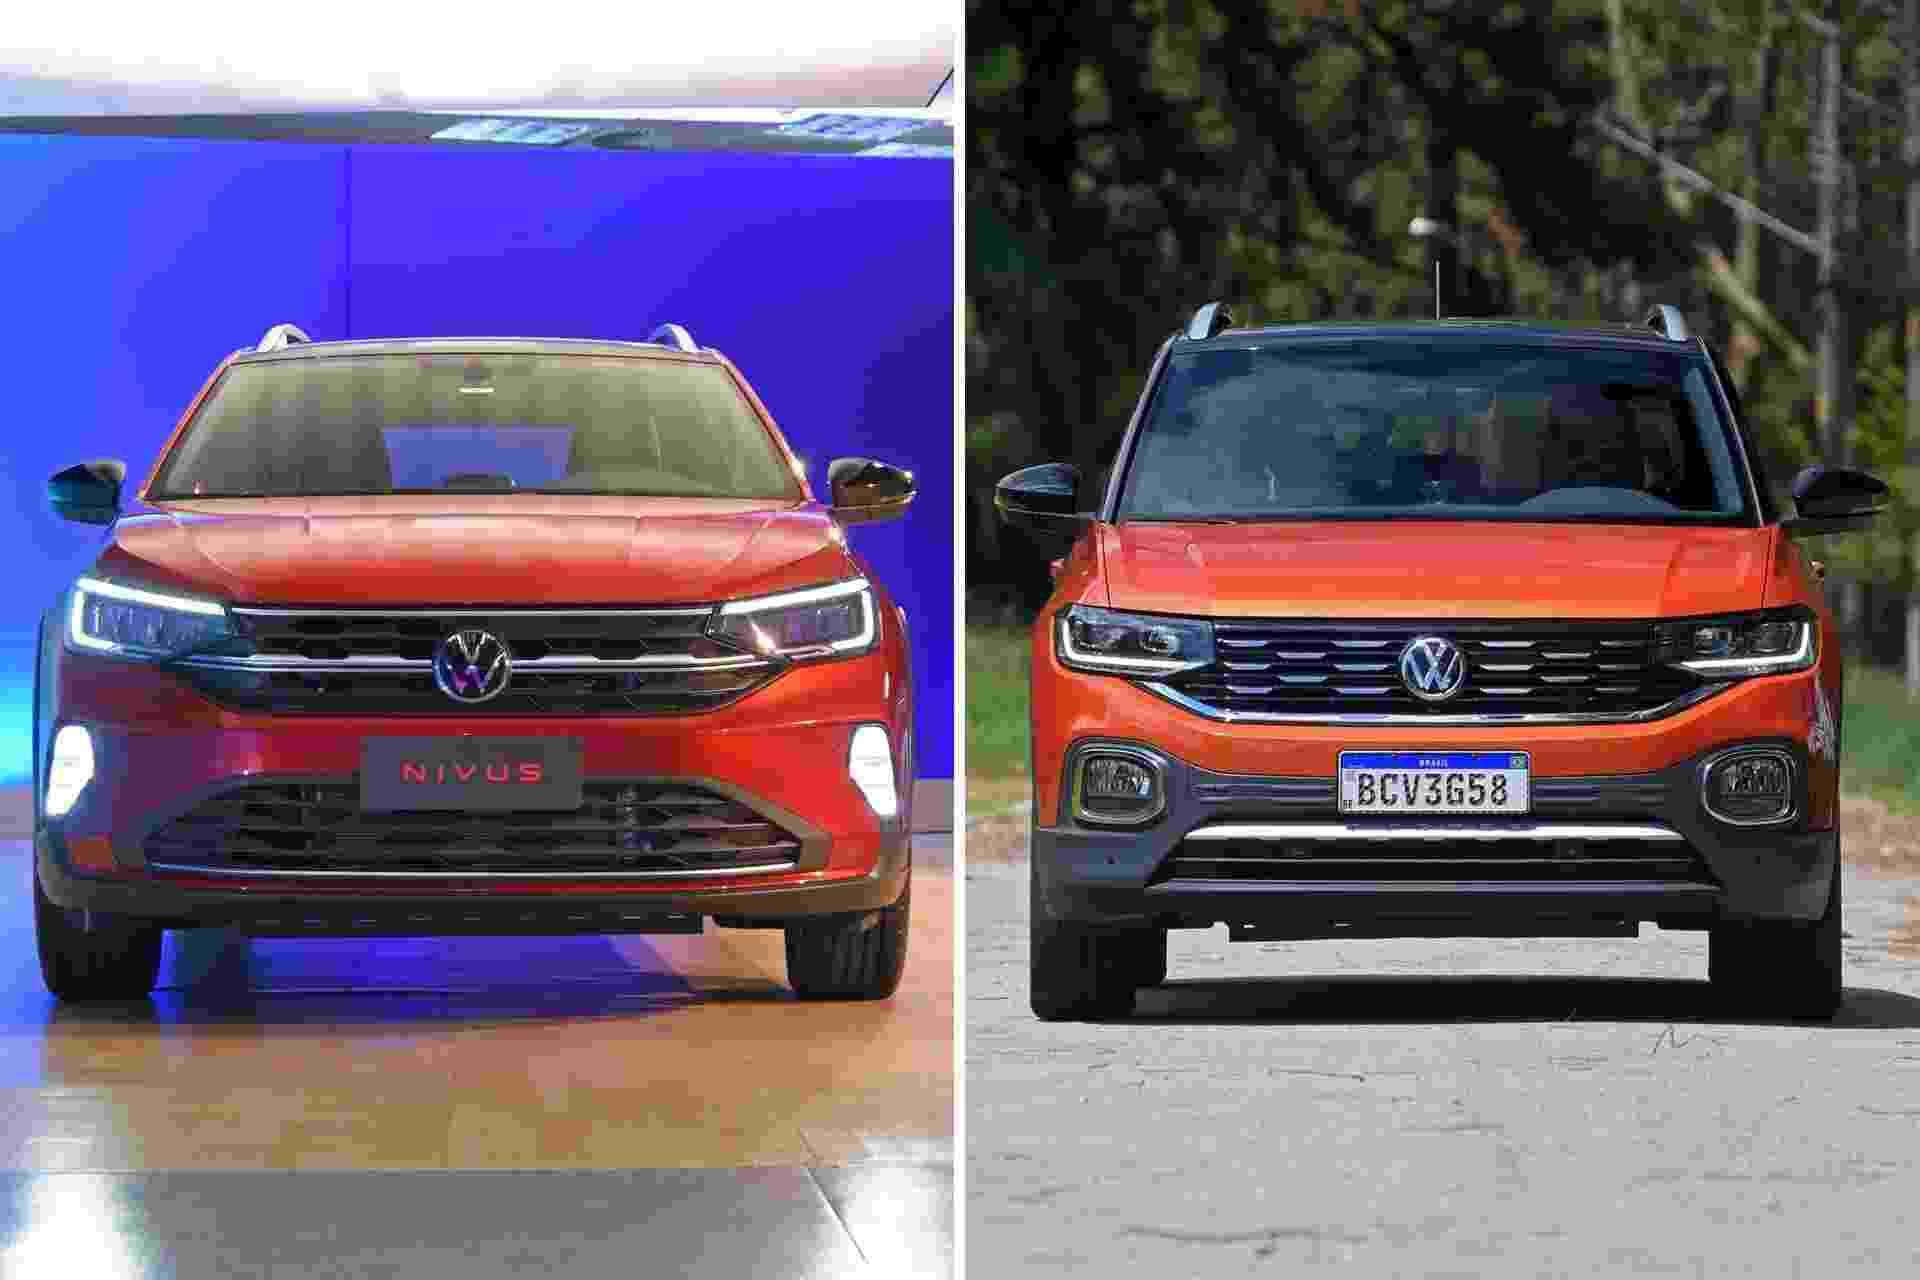 VW Nivus x VW T-Cross - Murilo Góes/UOL